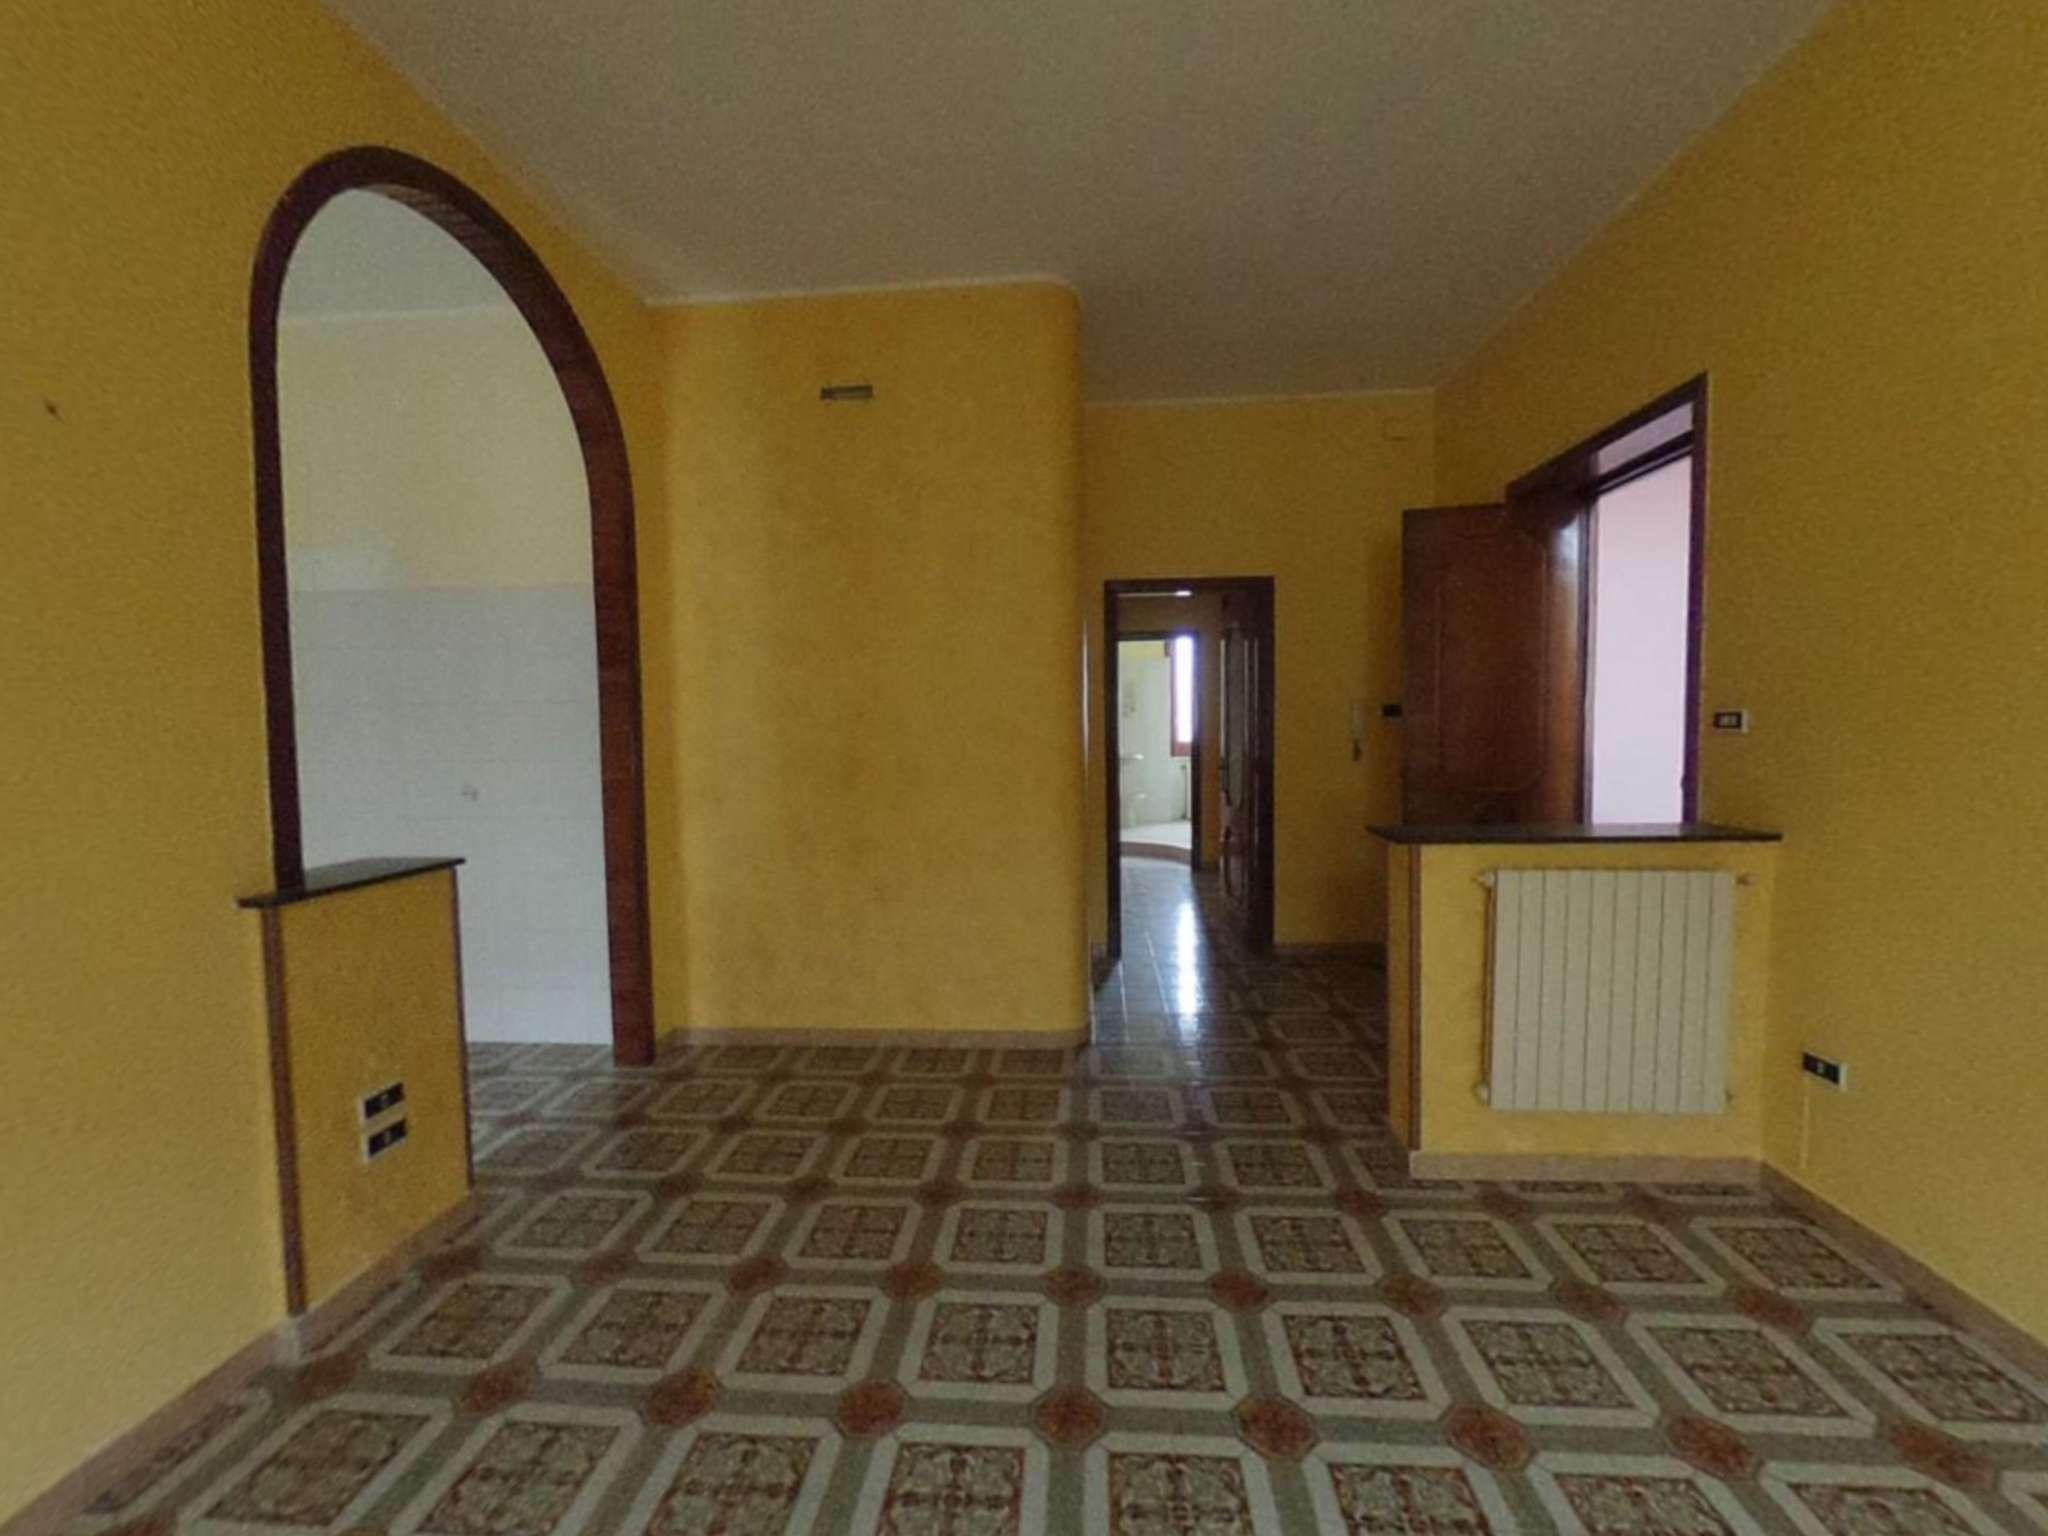 Appartamento con balconi e posto auto in vendita a Cicciano